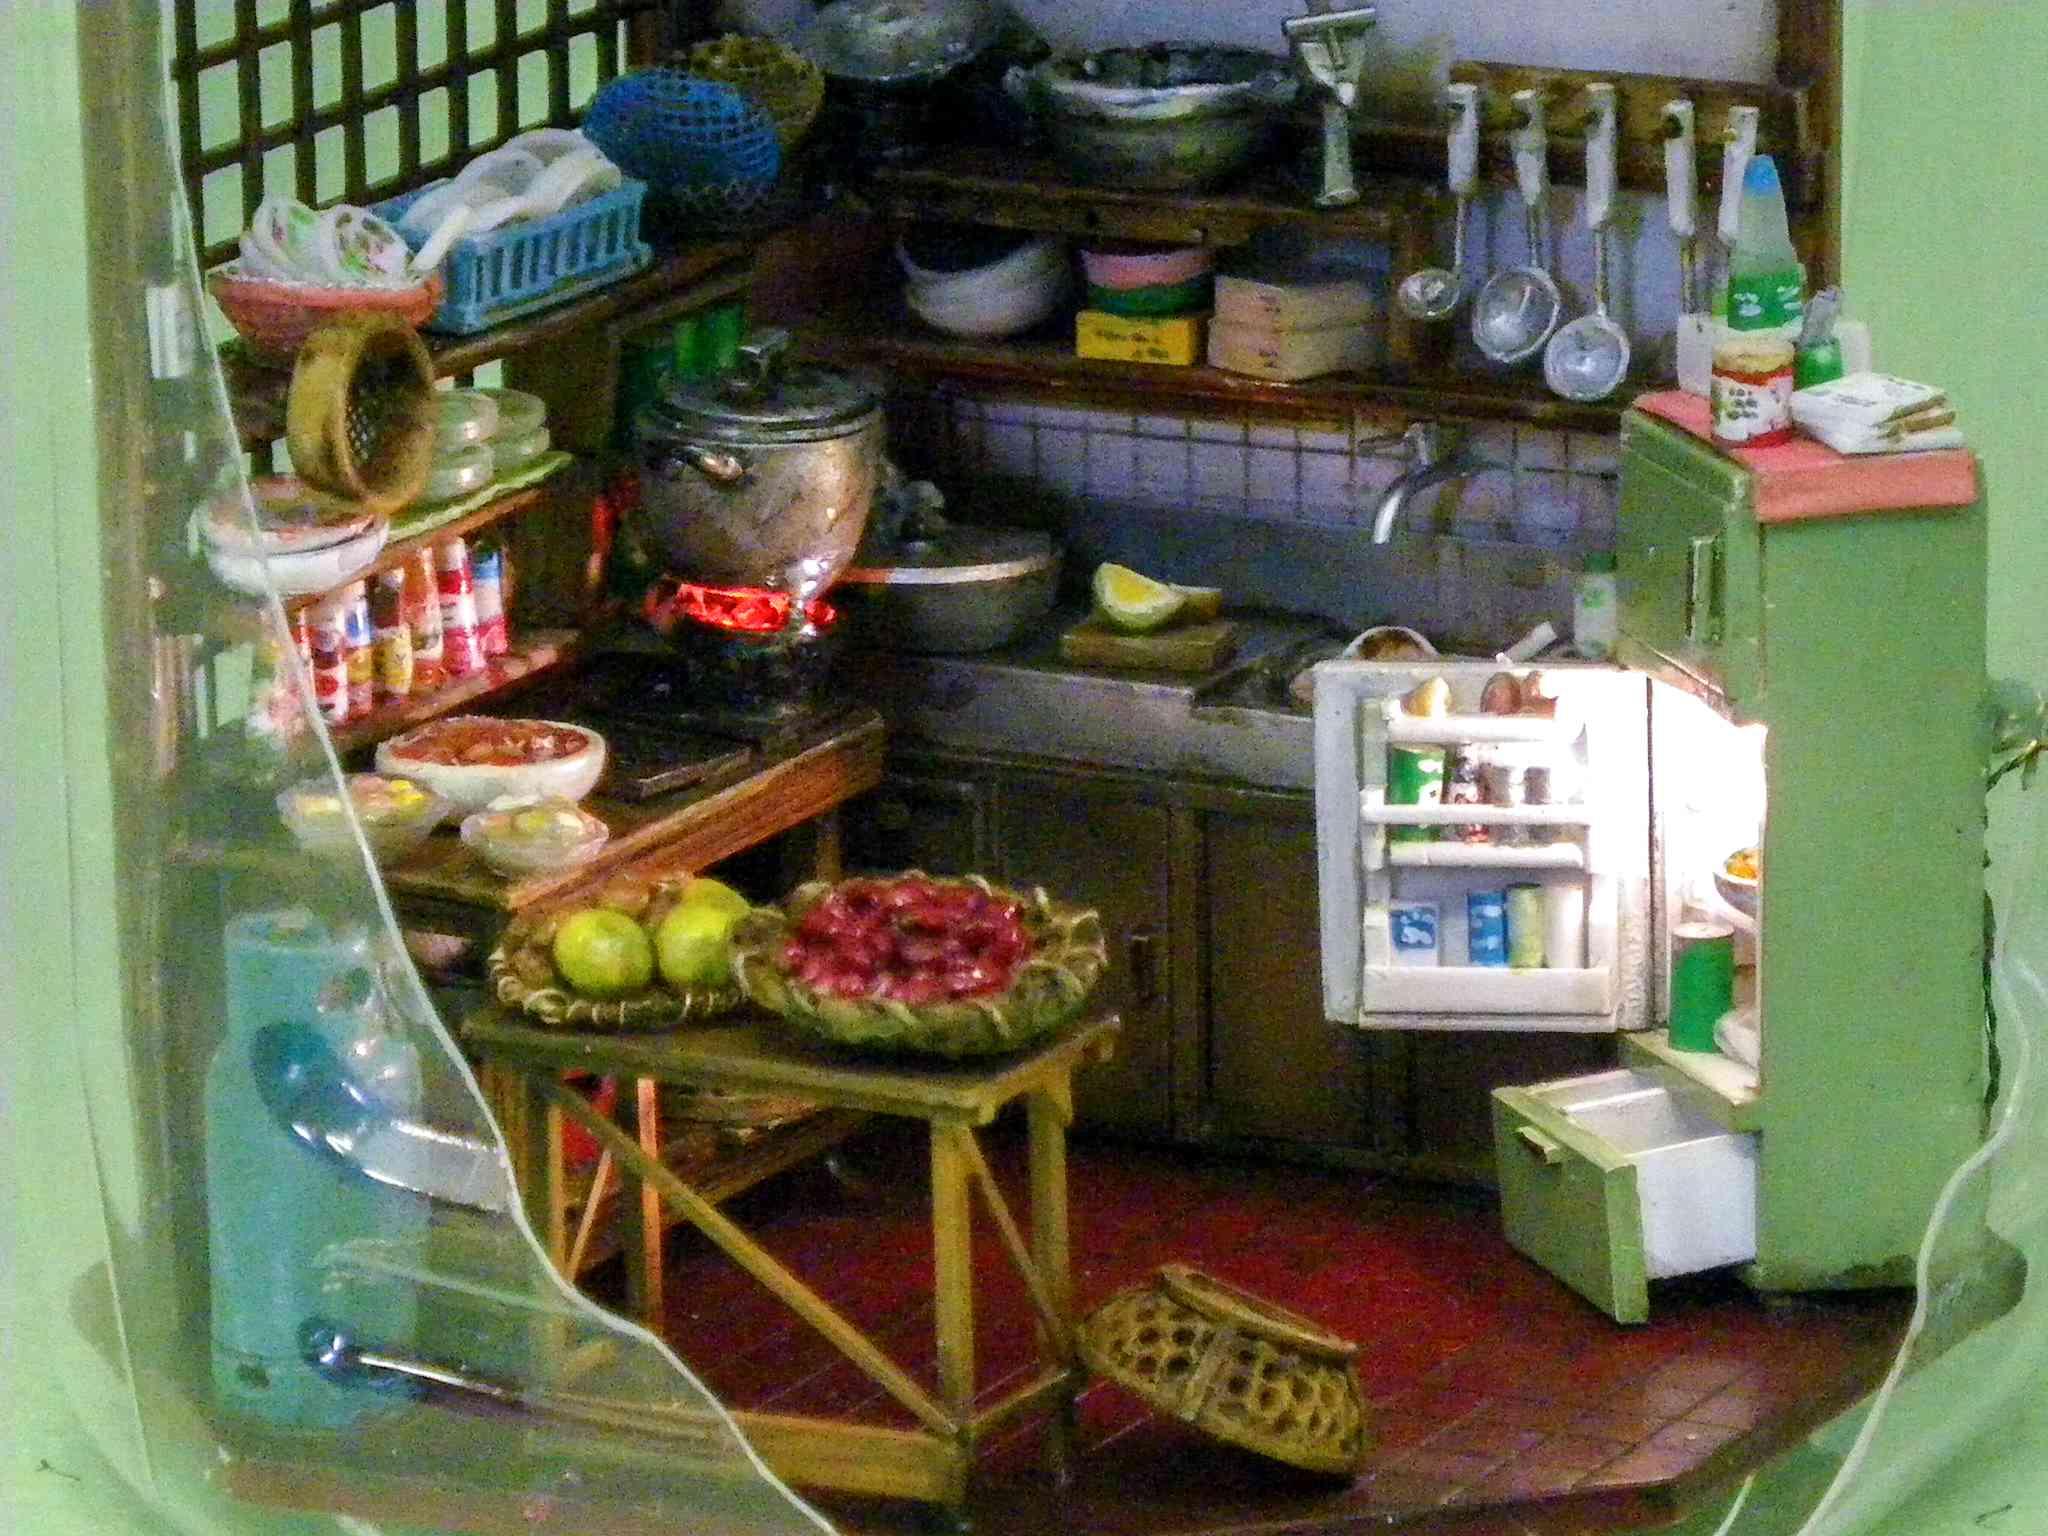 ▼生活感あふれるキッチン。ご飯のいい匂いがしてきそう!